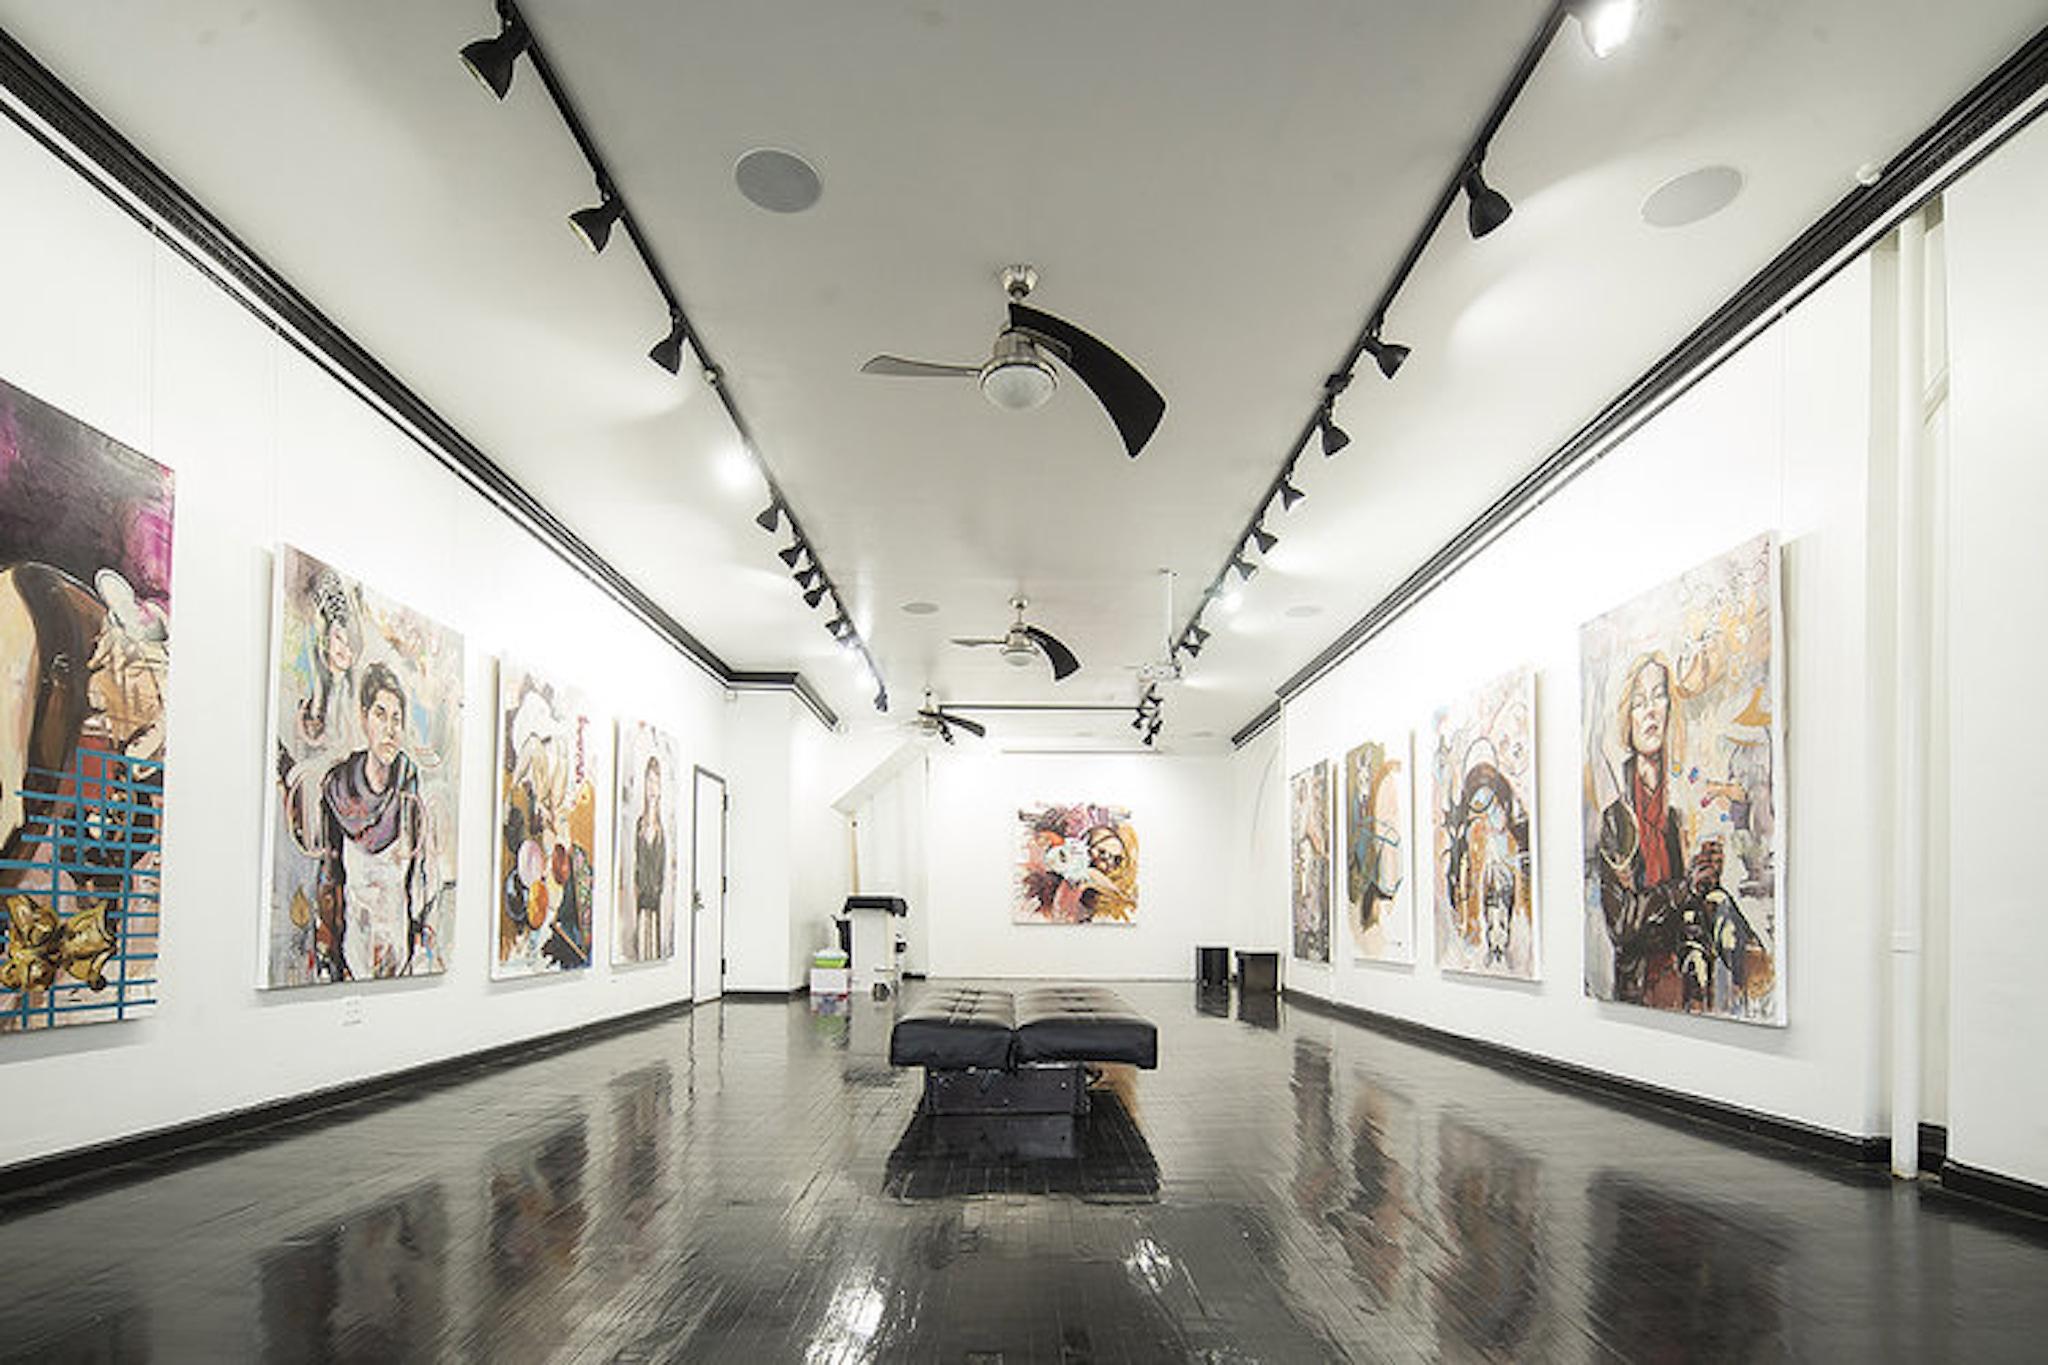 Art gallery venue